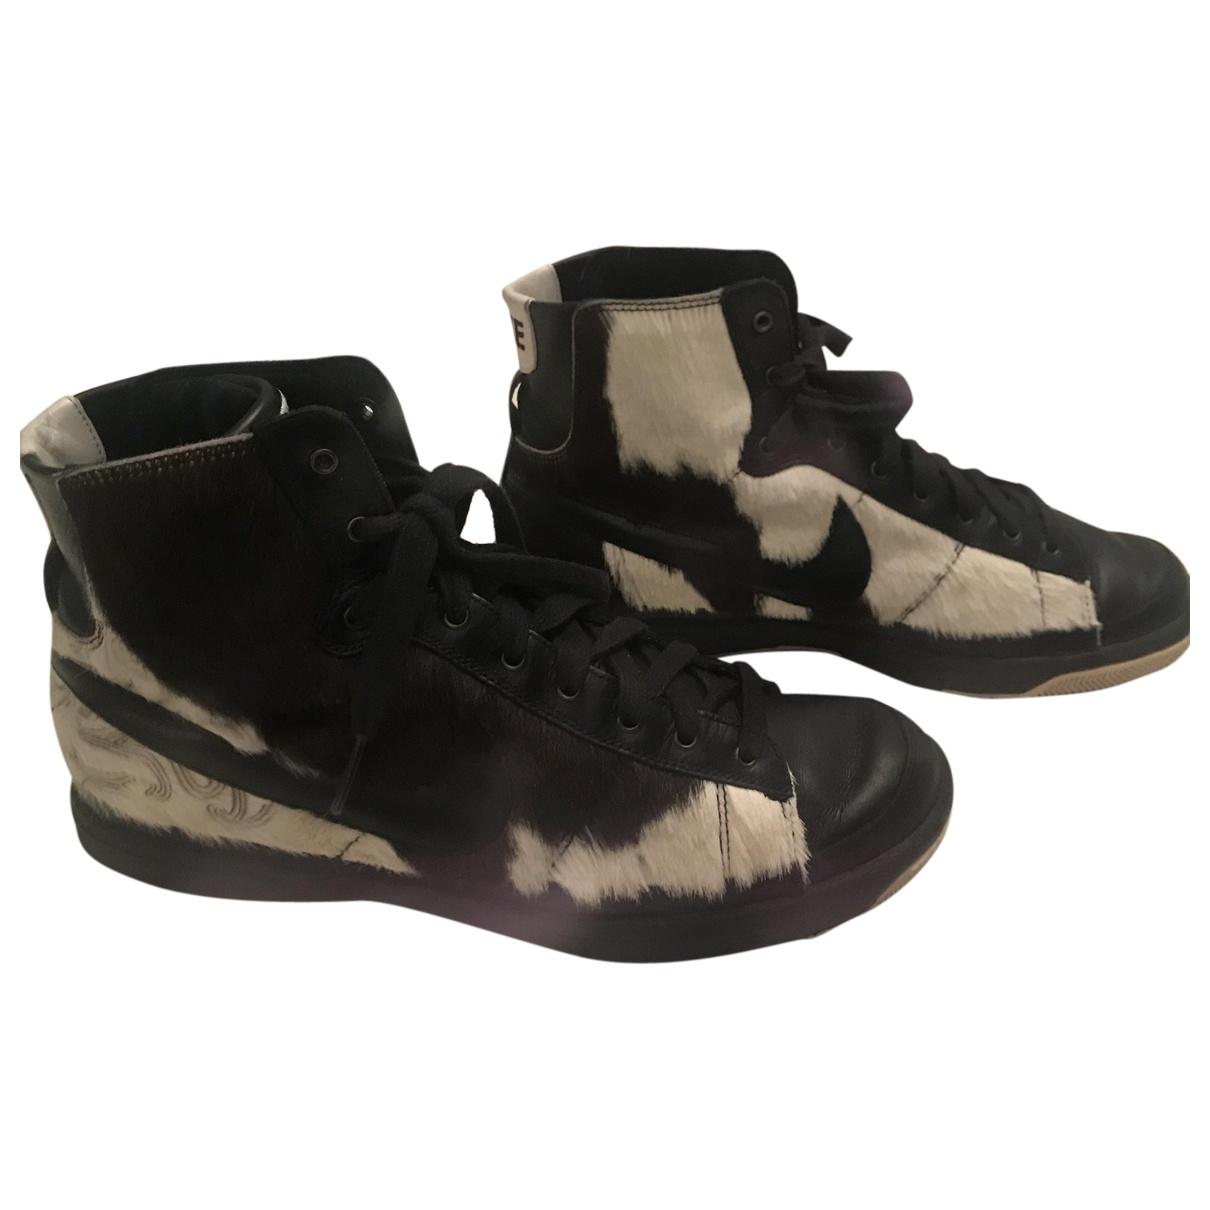 Deportivas Blazer de Piel de potro de imitacion Nike